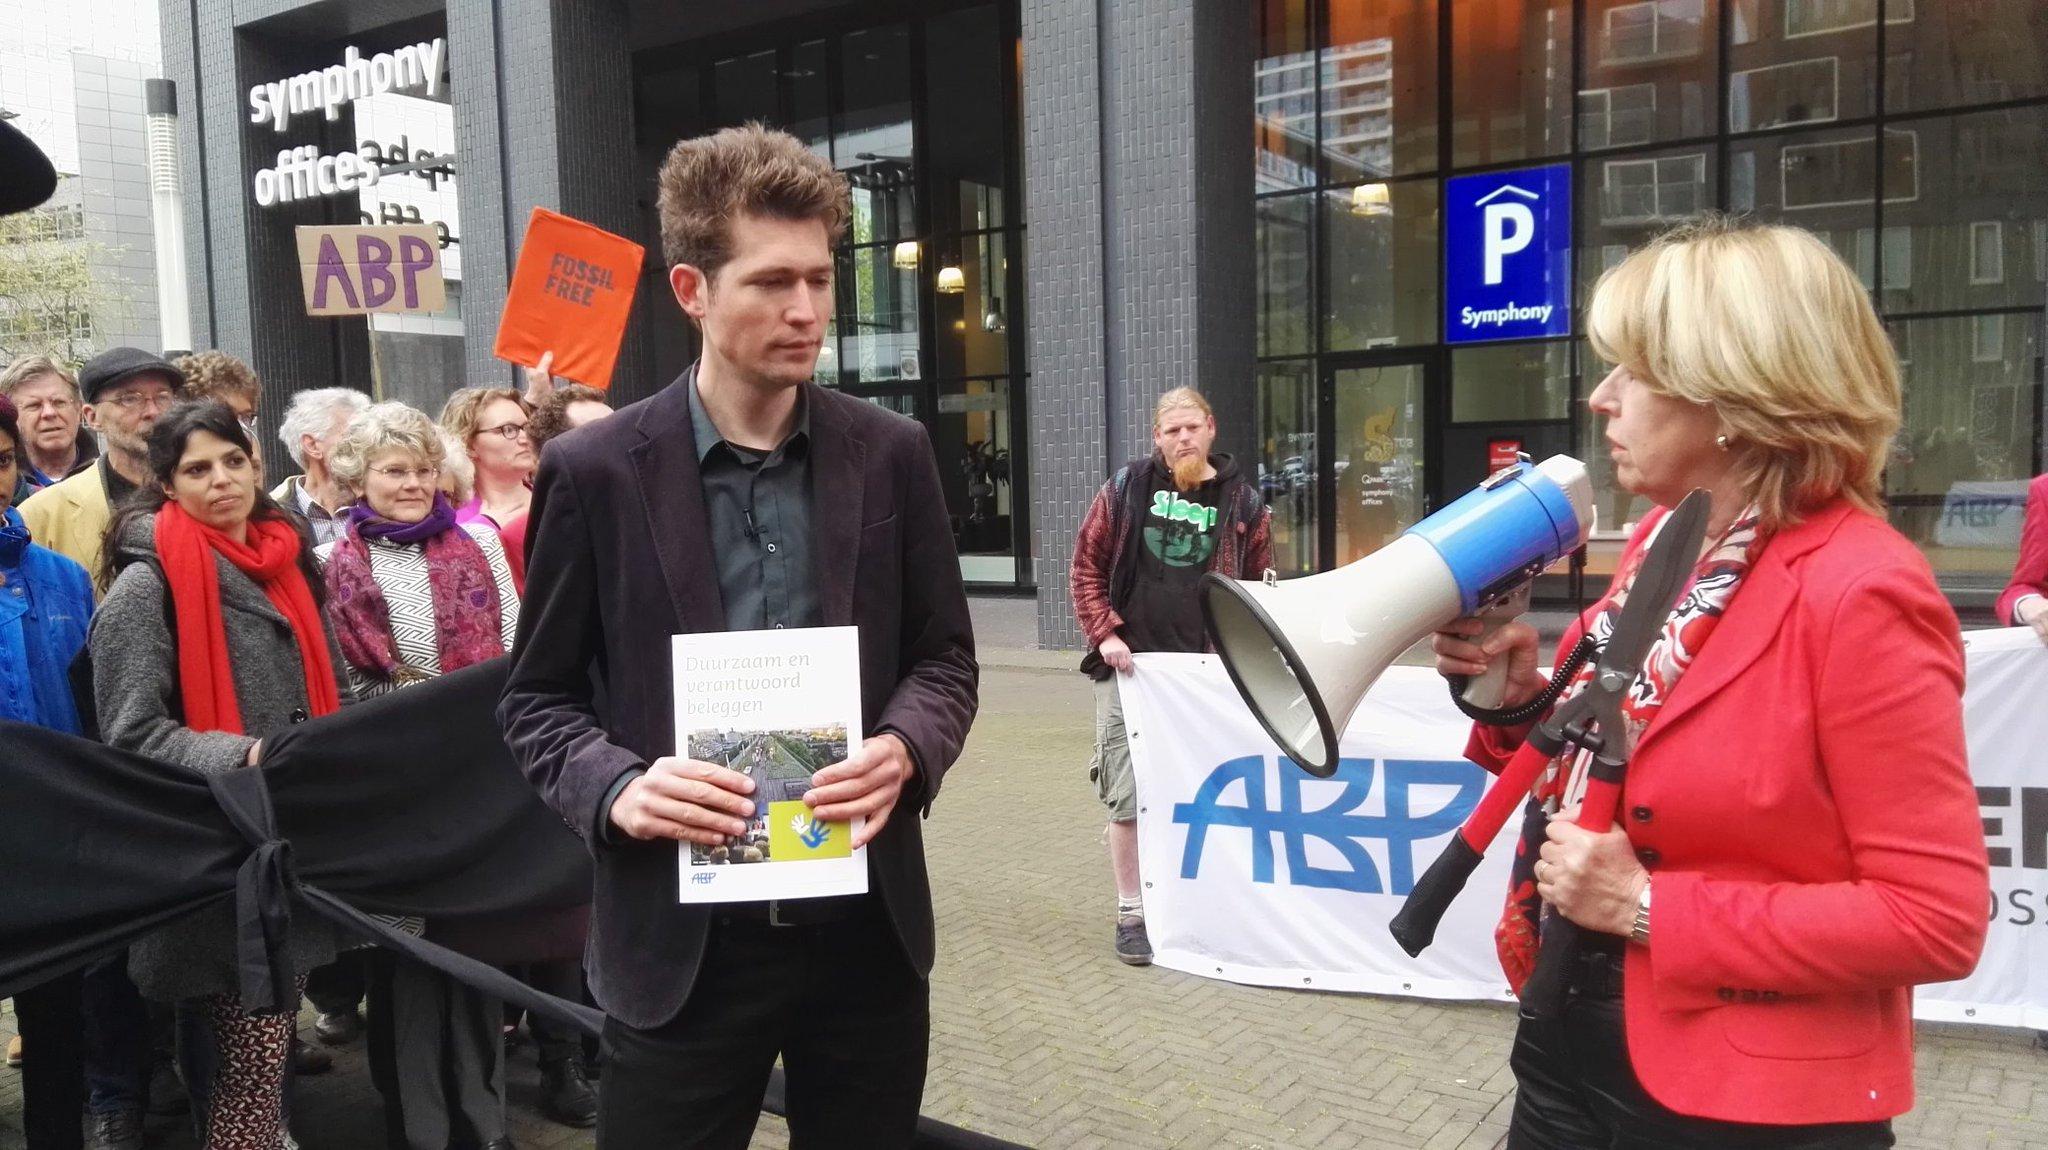 Geslaagde actie #ABP van 35 pensioendeelnemers op Zuidas oproep tot divesteren #fossilfree met bestuursvoorzitter Wortmann @parool @NOS https://t.co/MGbEvi6YoQ